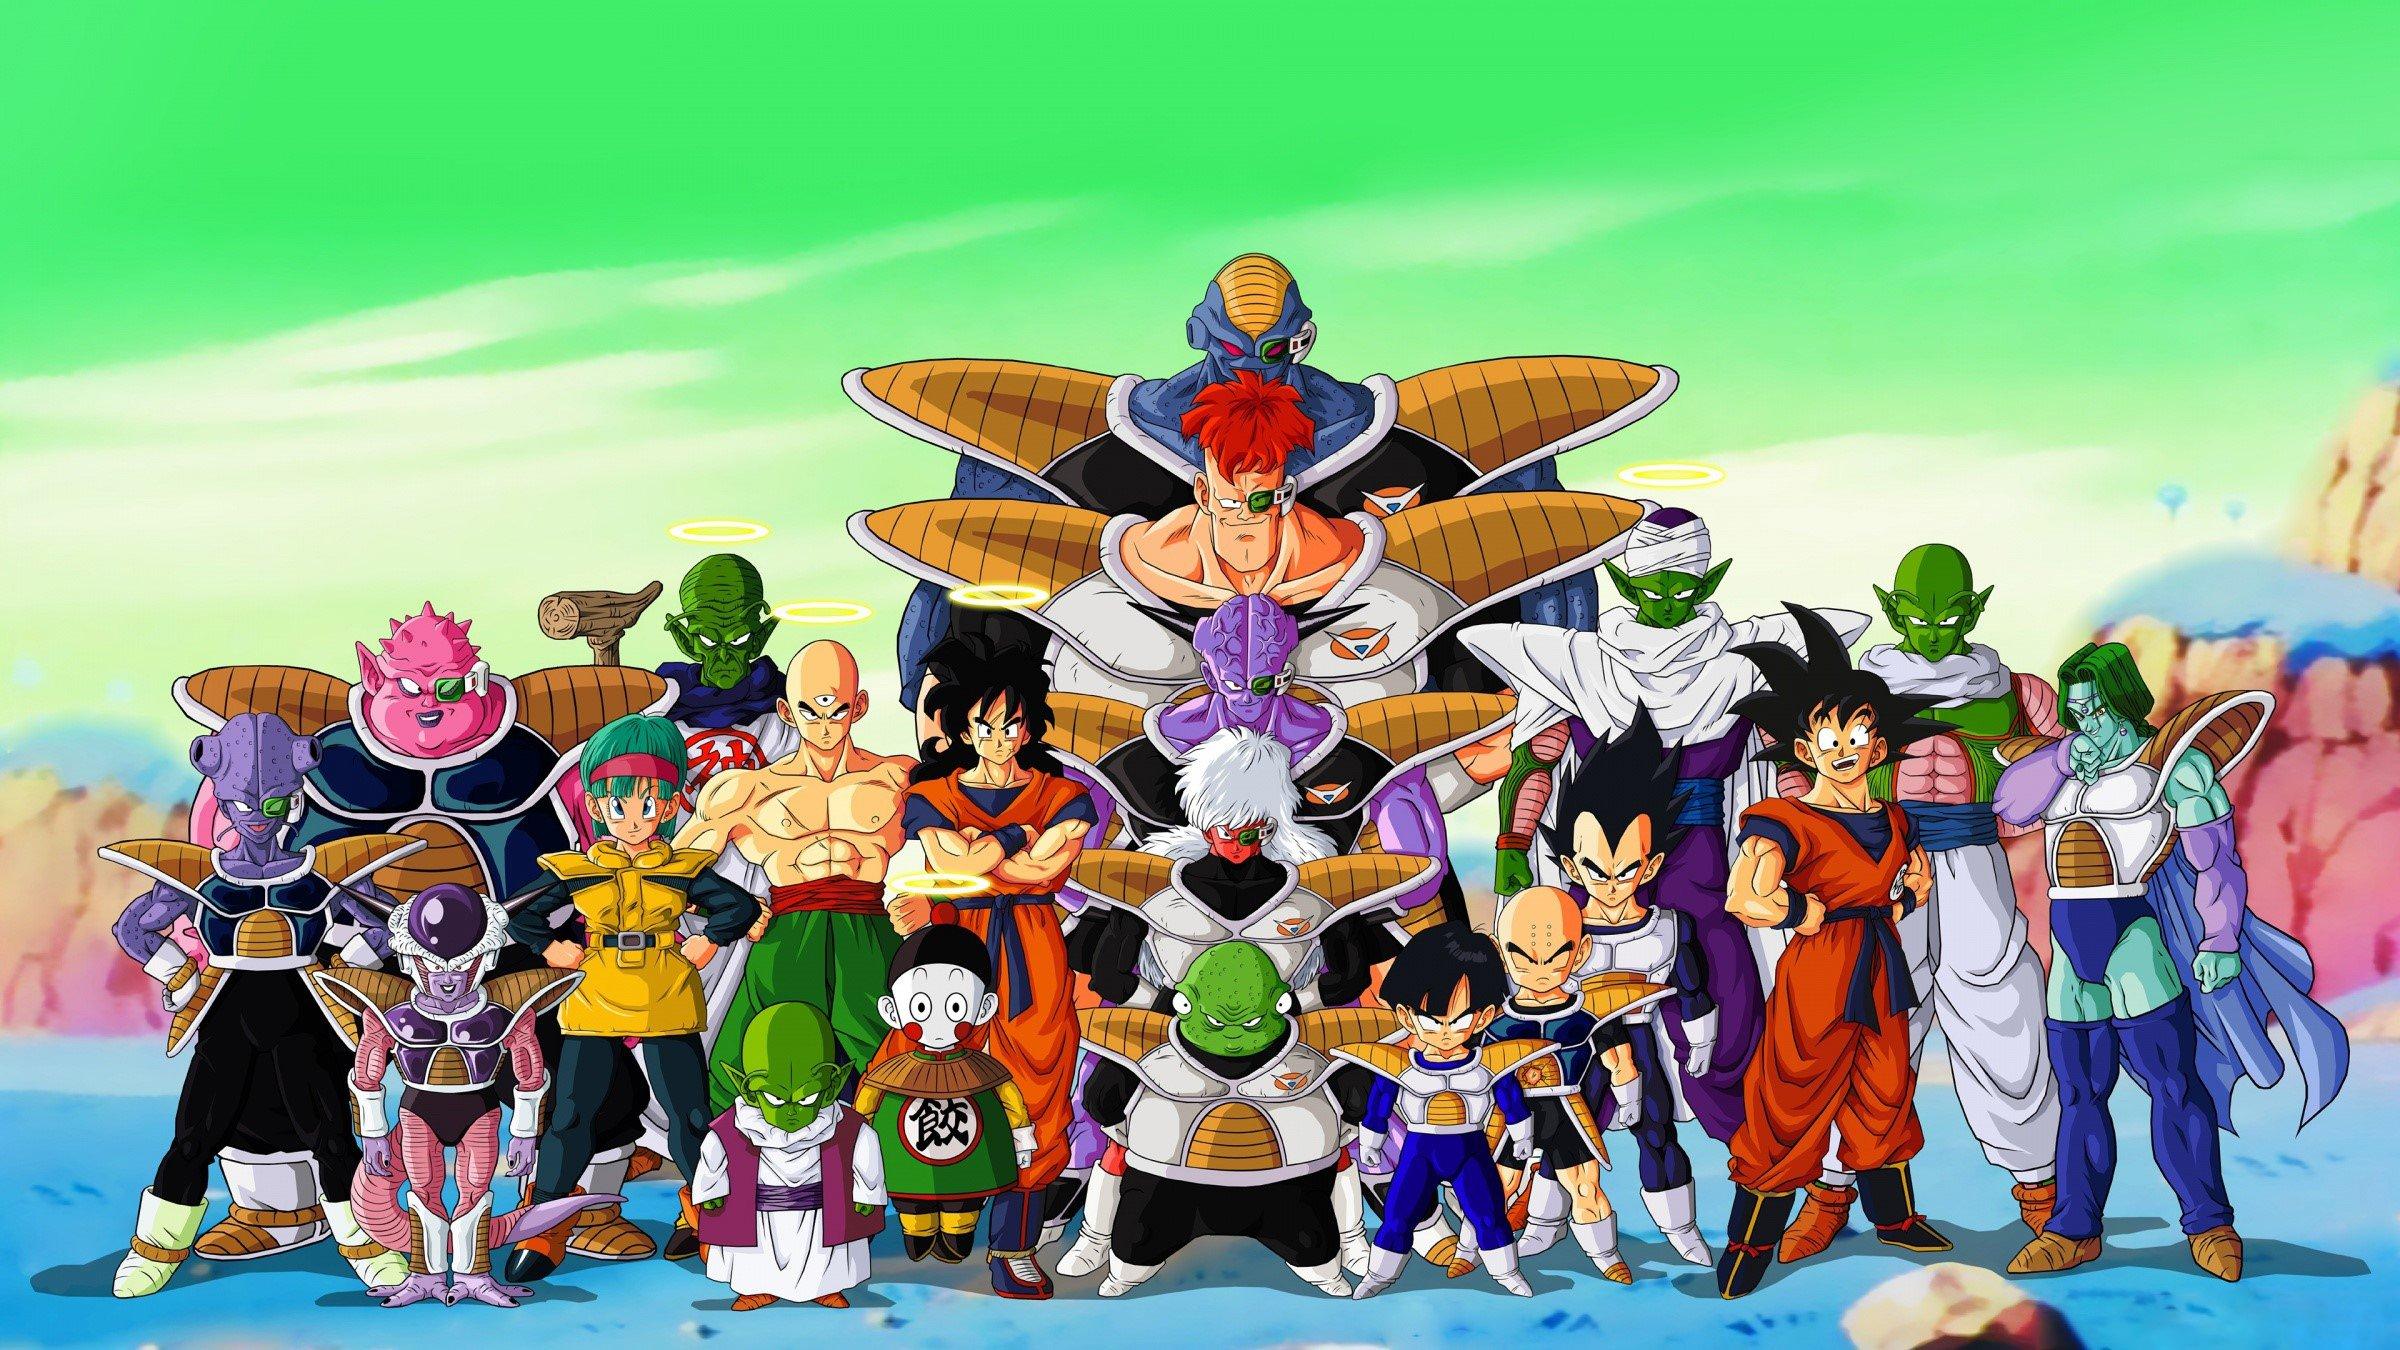 Fondos de pantalla Anime Personajes de Dragon Ball Z